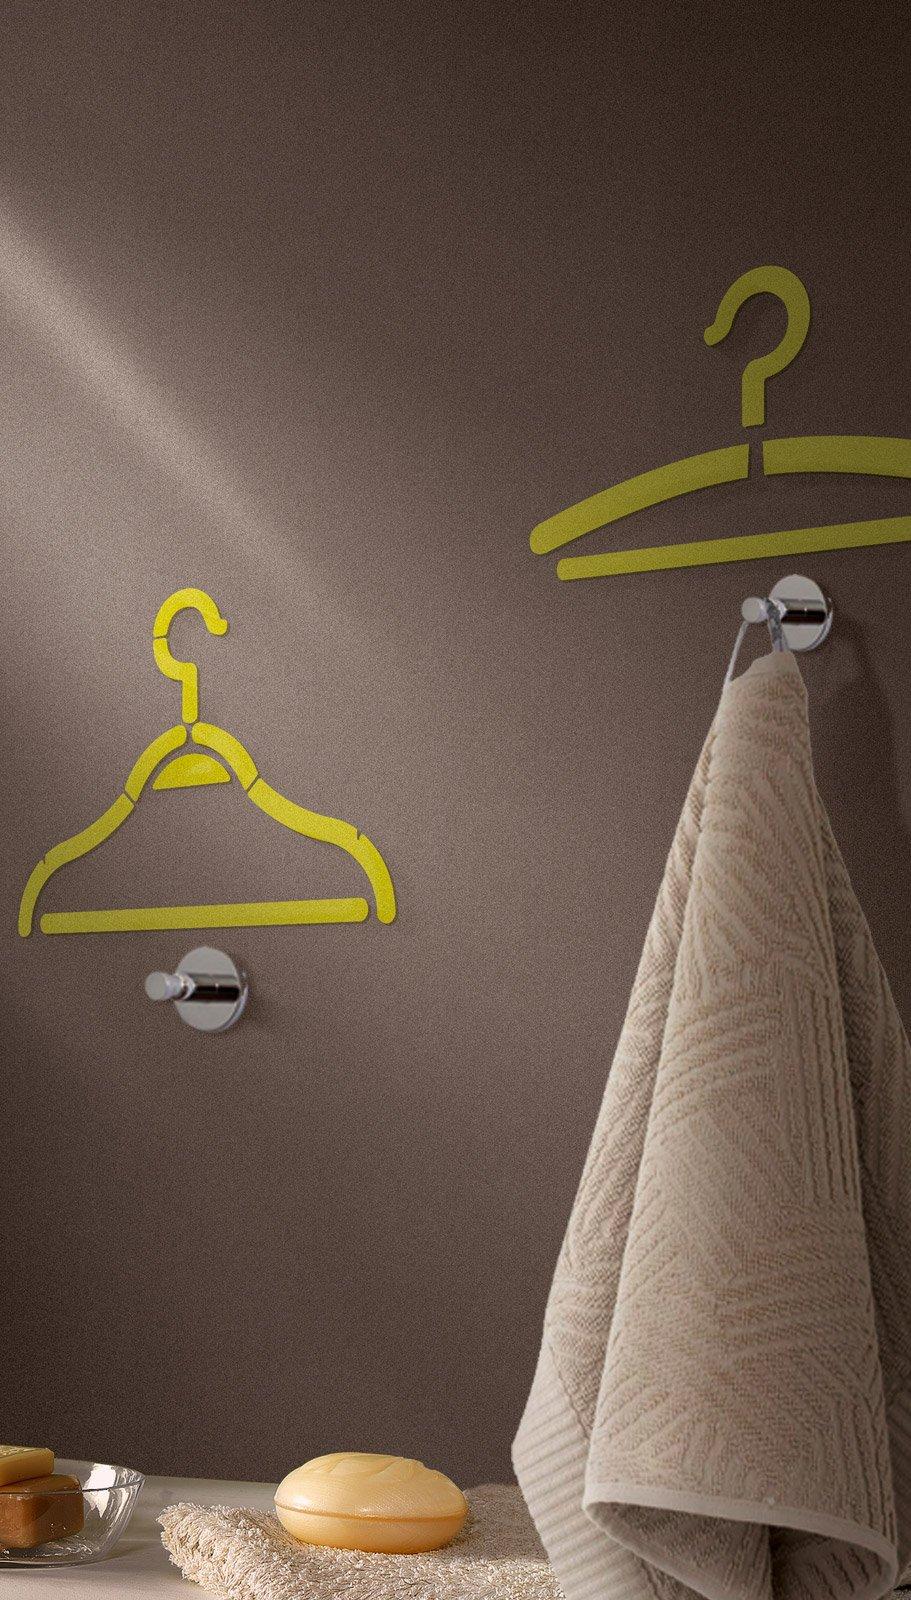 In bagno, décor a parete: senza le piastrelle e contenendo i costi ...